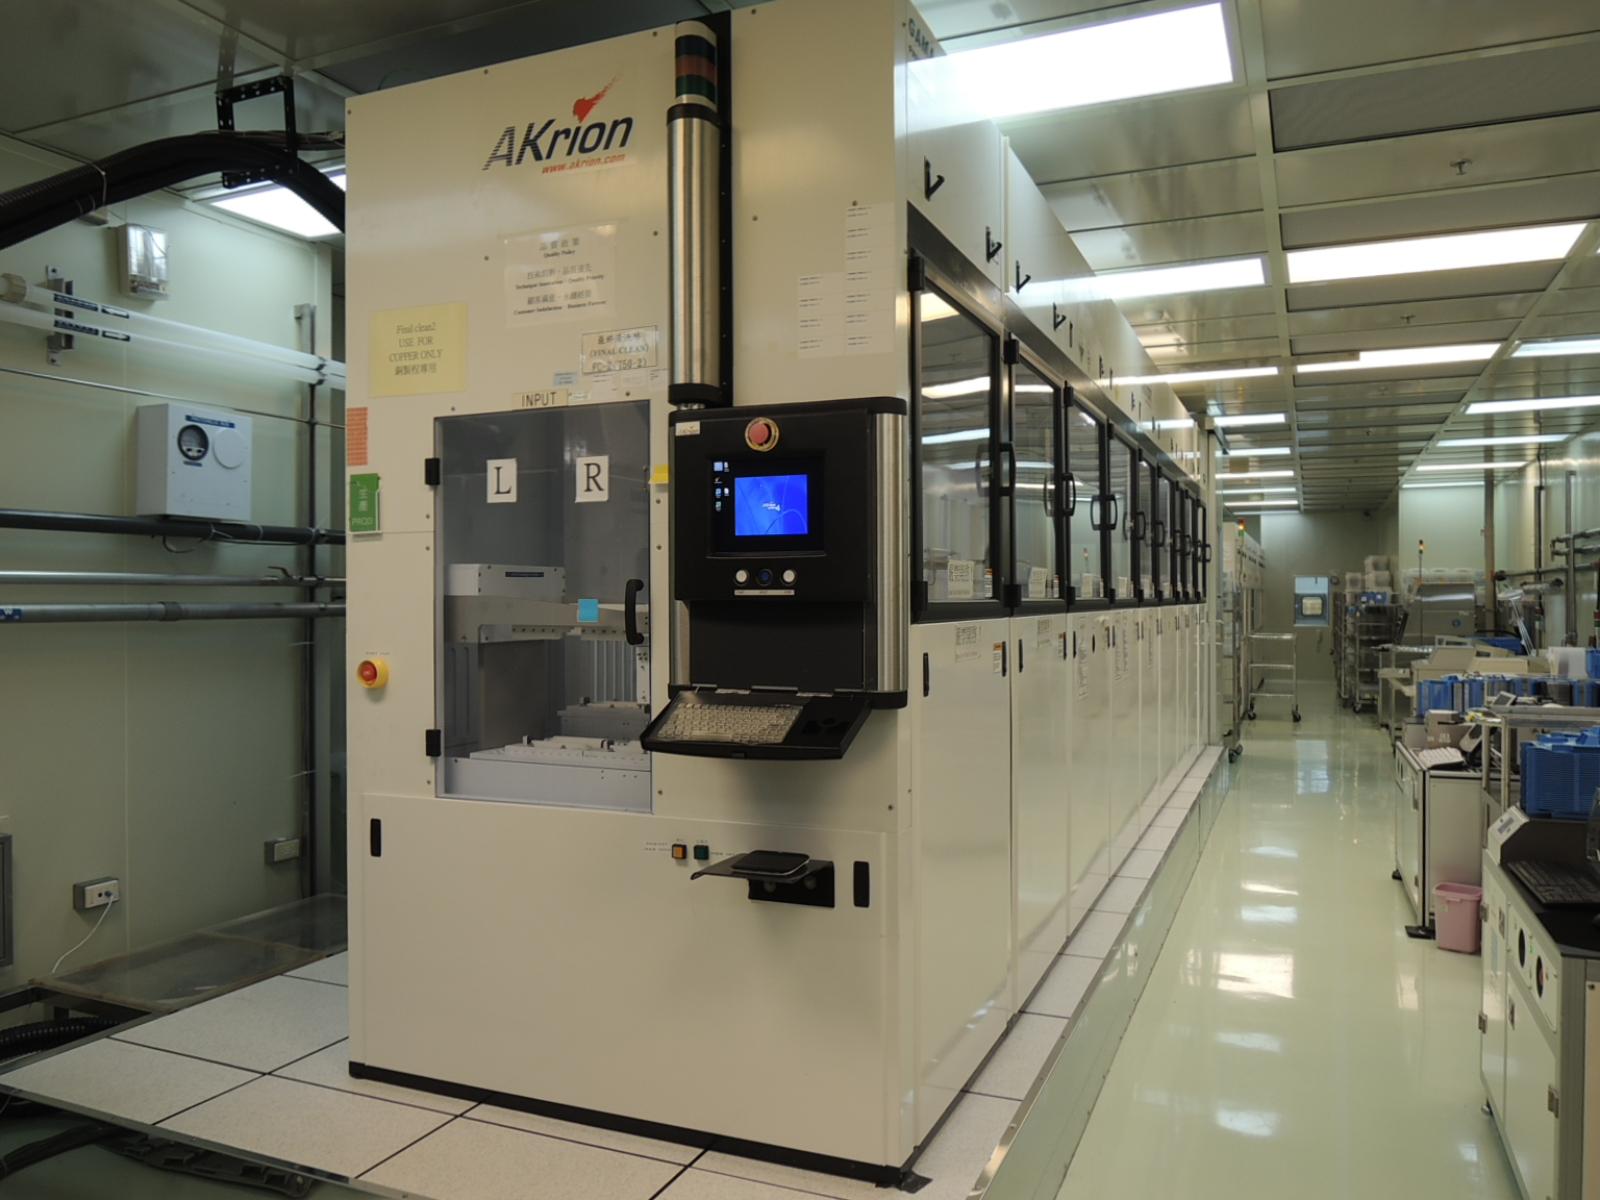 韓國掌握量產高純度氟化氫技術(圖/semicon-equip.com/CC BY-SA 2.0)